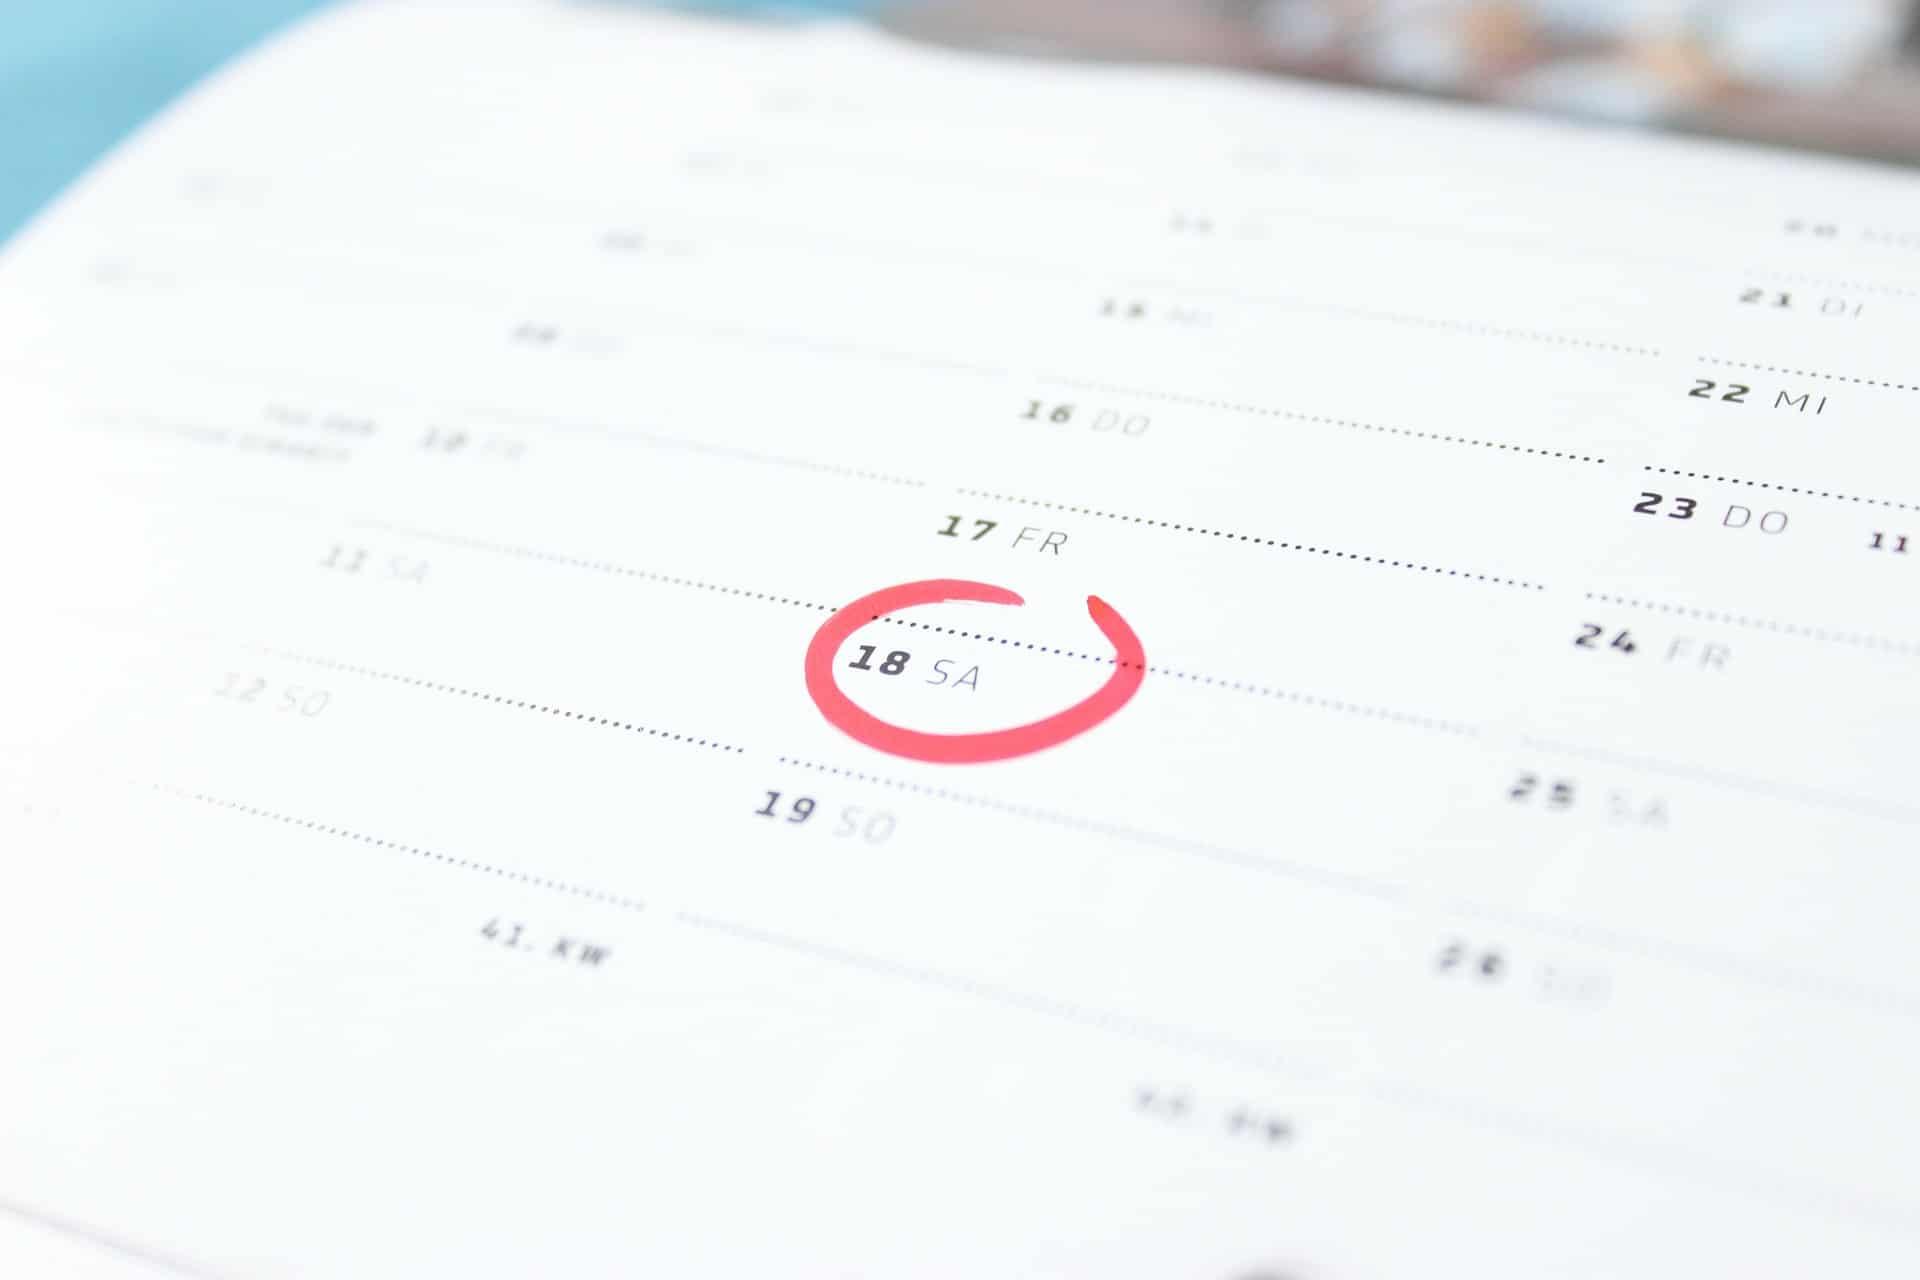 Calendario Con Festivita 2019.Festivita 2019 Calendario Ponti Vacanze Pasqua